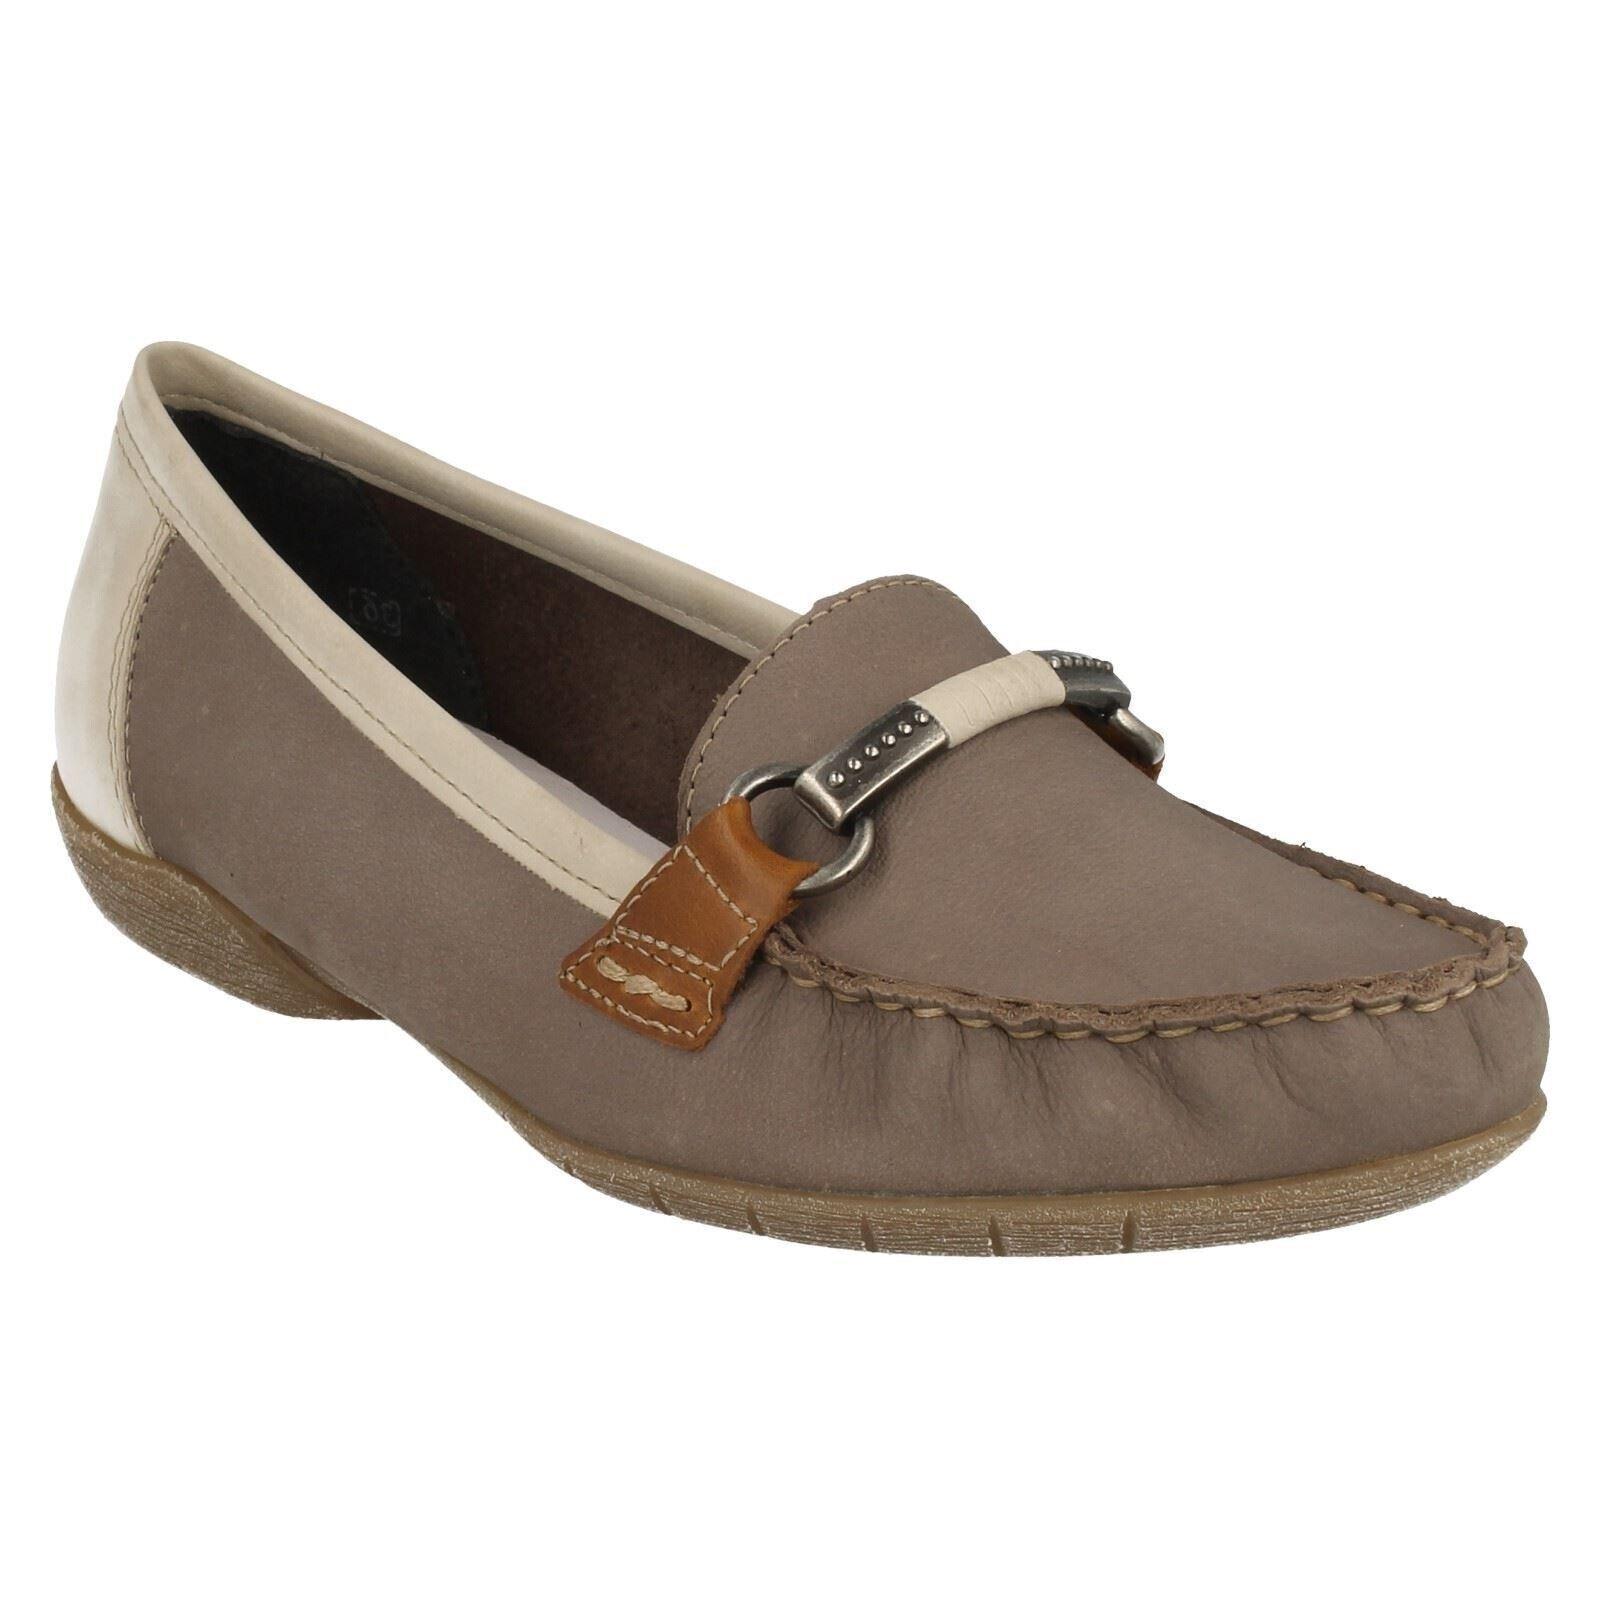 Damen Rieker 42150 Mokassin Flacher Abzatz ohne Bügel Lässig Elegant Schuh Größe